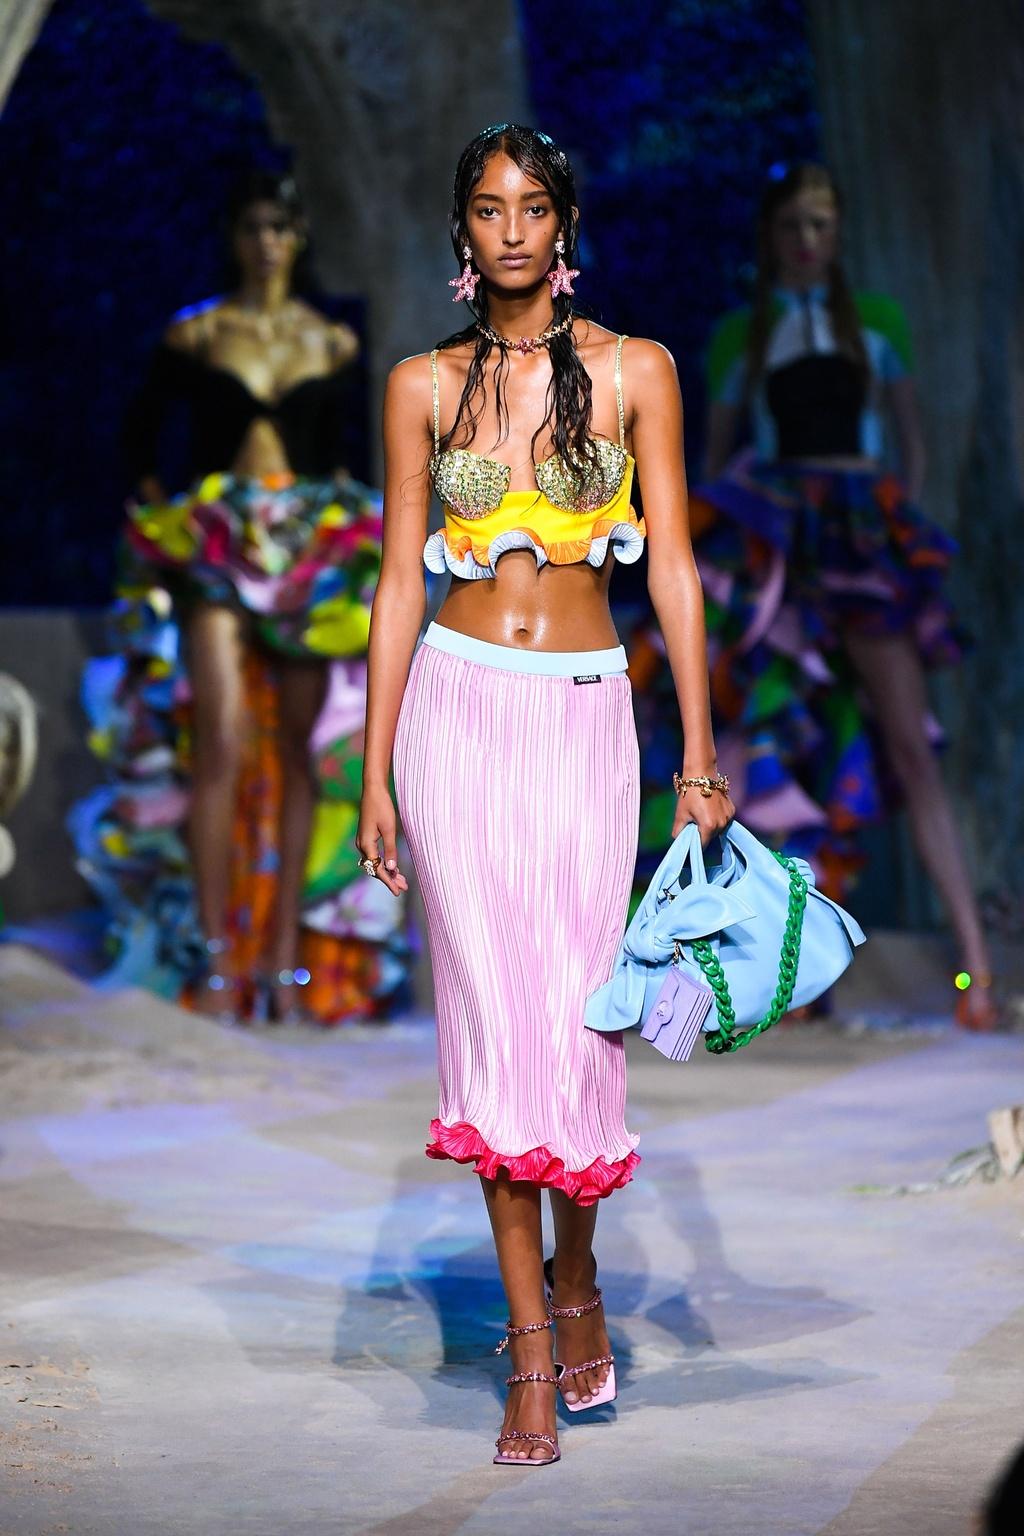 Người mẫu nội y diện váy áo đính đá đón tuổi 30 - ảnh 3